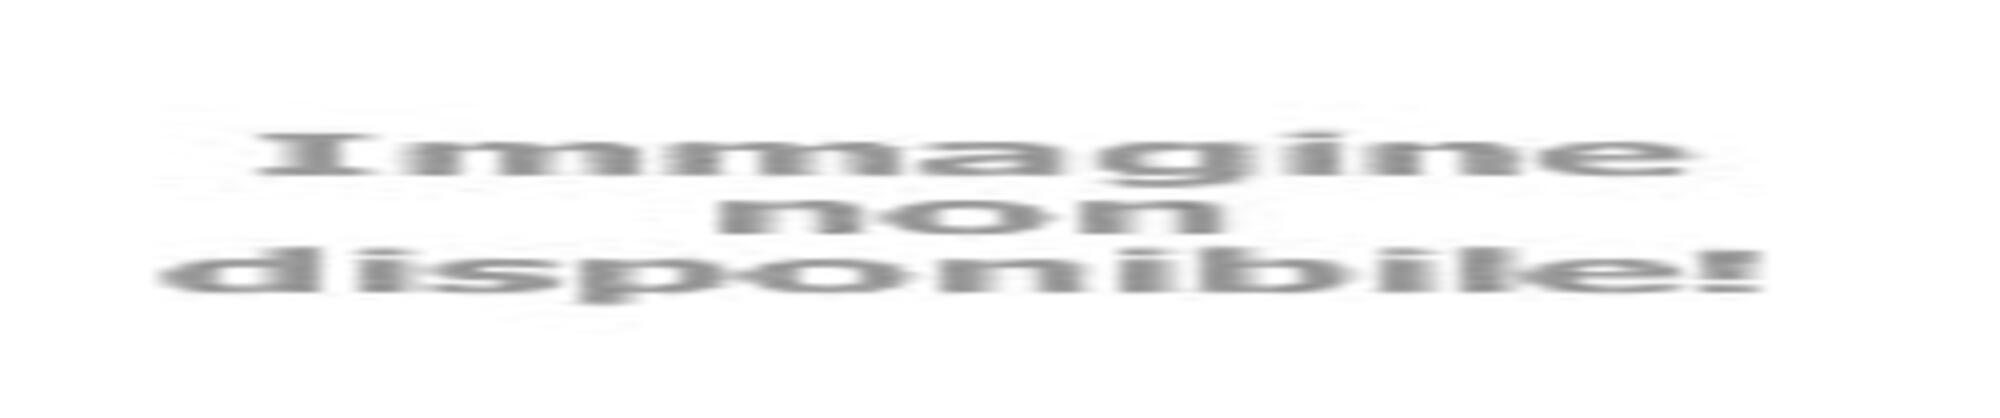 Offerta Fiera TTG Incontri ottobre 2014 in hotel Rimini con Internet, Wi-Fi e sala proiezione